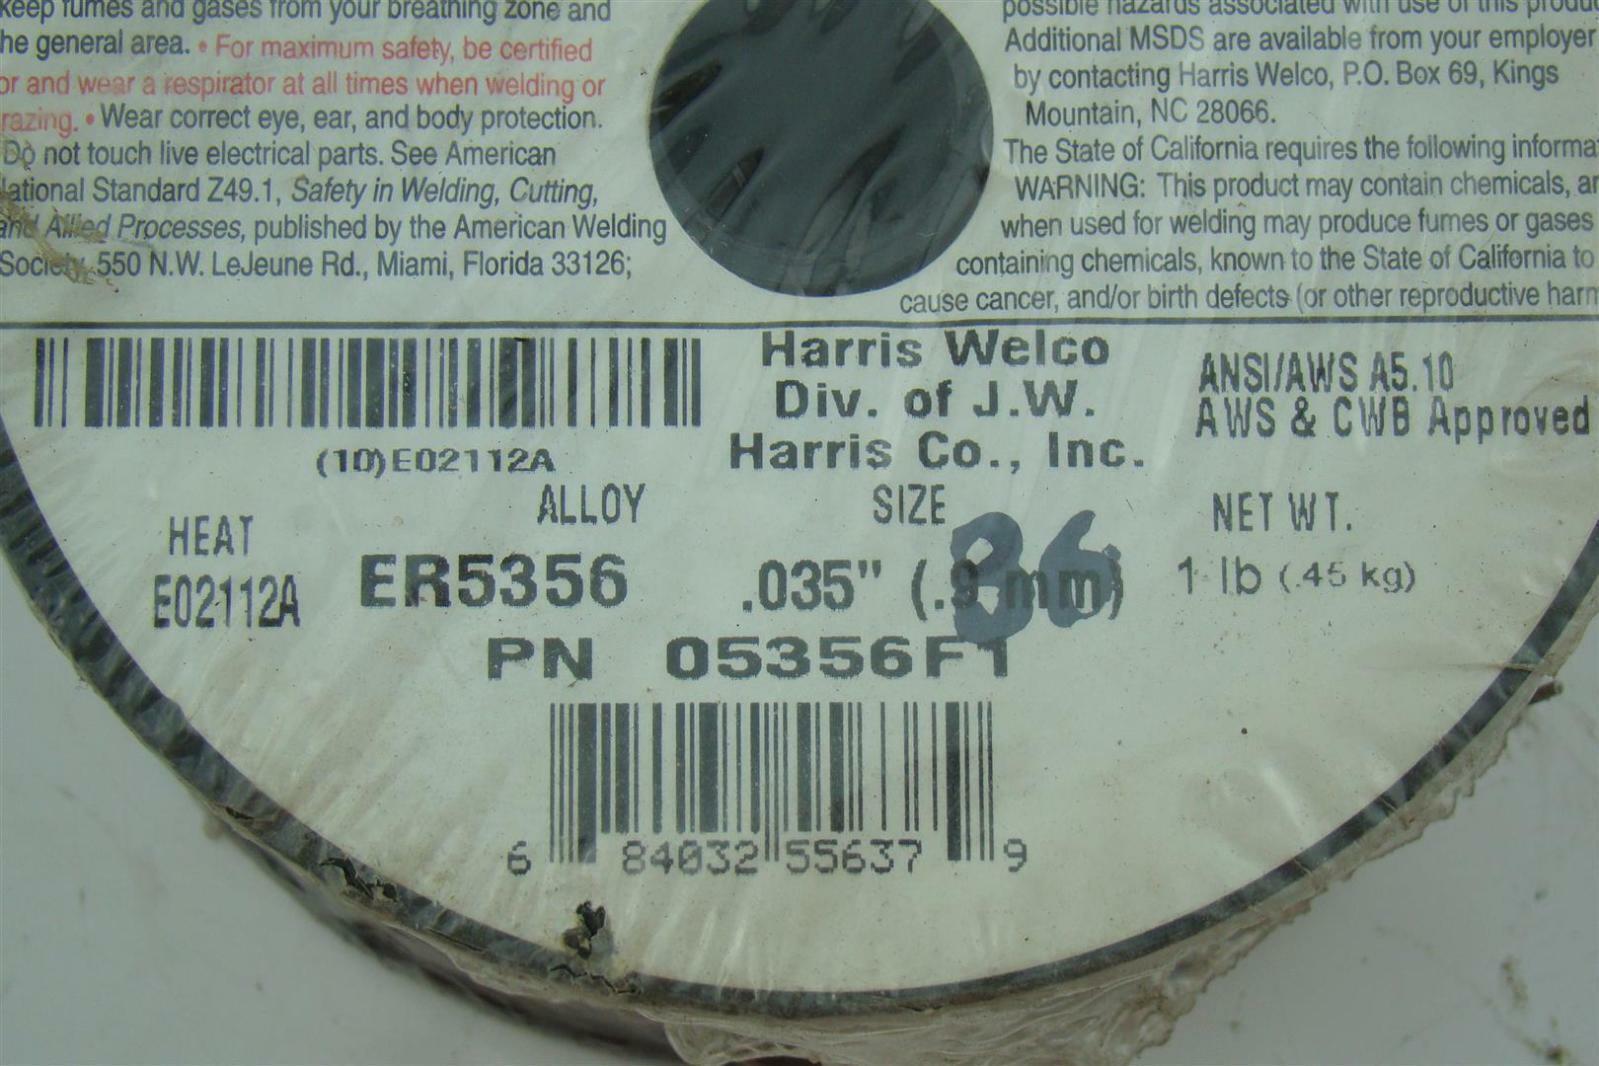 Harris Welco Aluminum welding wire ER-5356 684032556379 | eBay